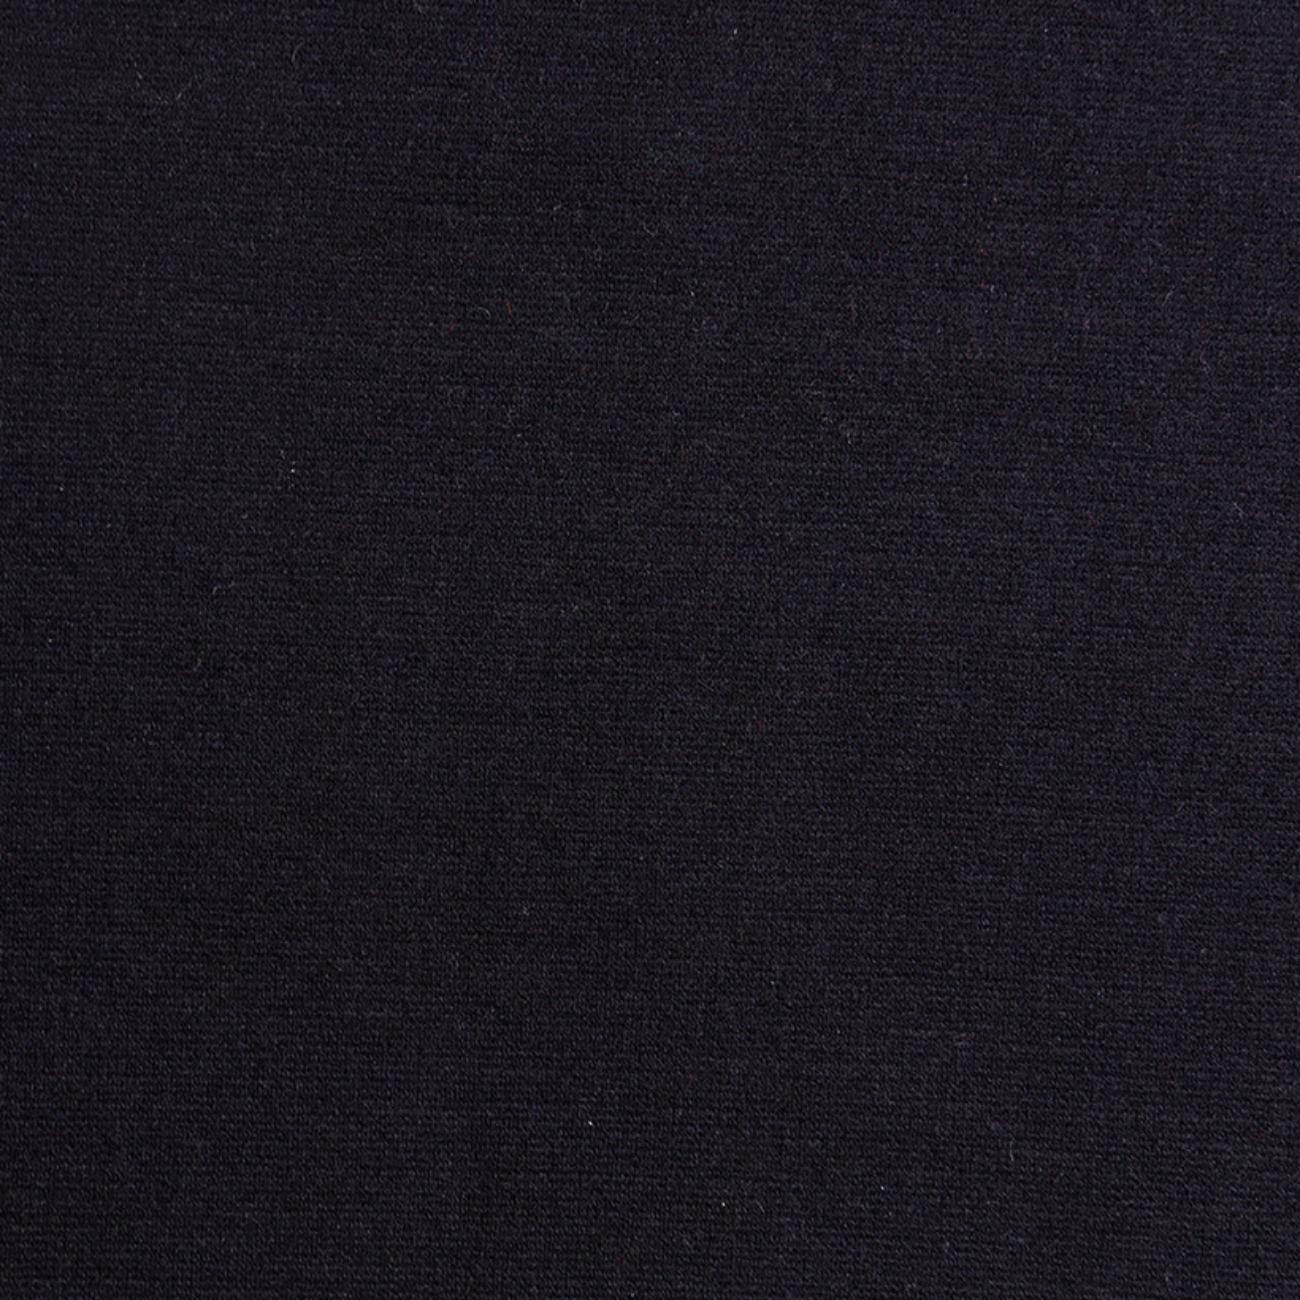 打鸡布 素色 针织 四面弹 高弹 上衣 裤子 裙装 柔软 男装 女装 春秋 羊毛 71019-10